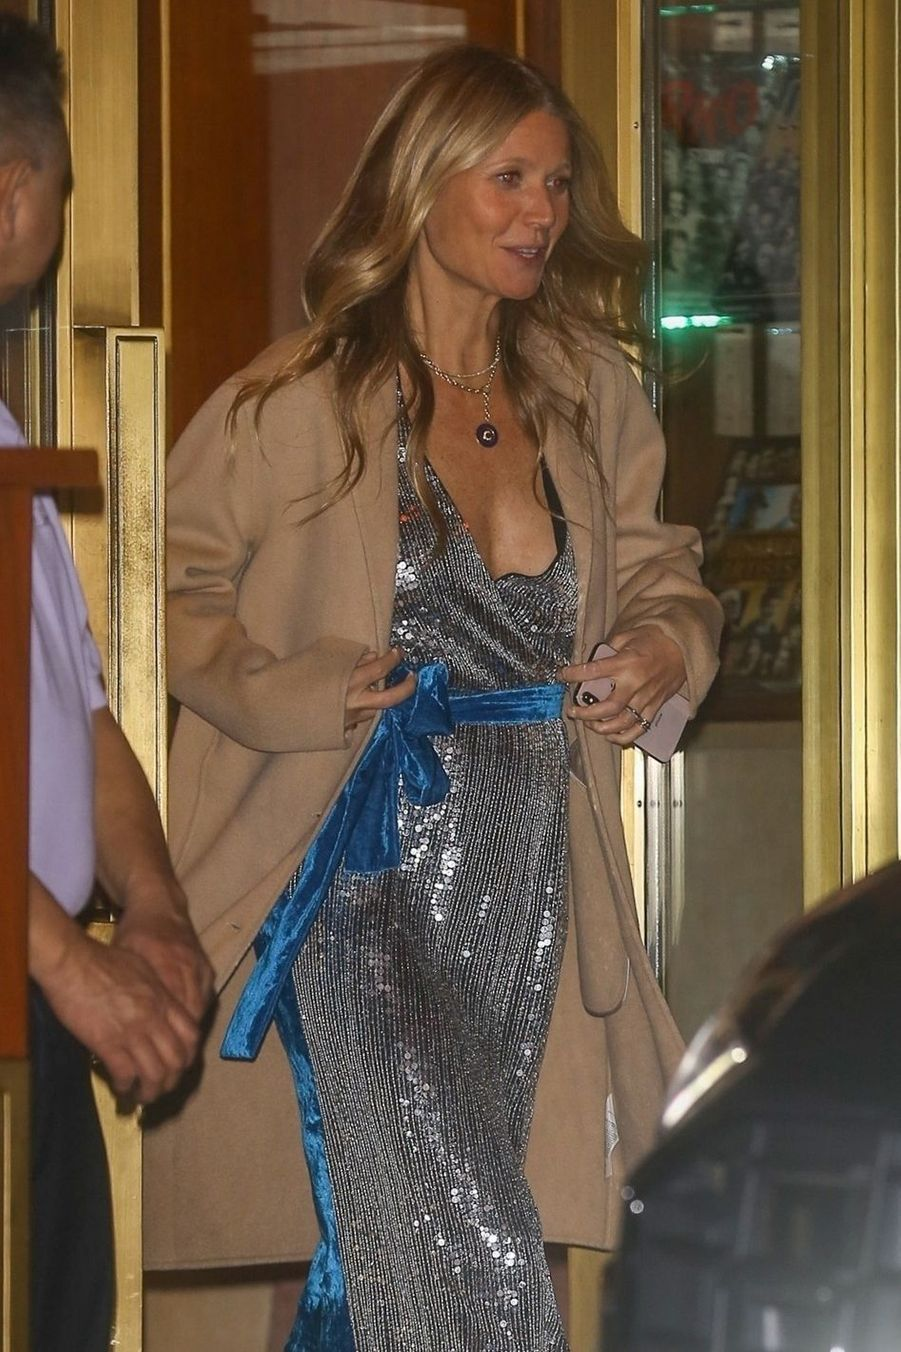 Gwyneth Paltrowà la soirée d'anniversaire de Jennifer Aniston à Los Angeles le 9 février 2019